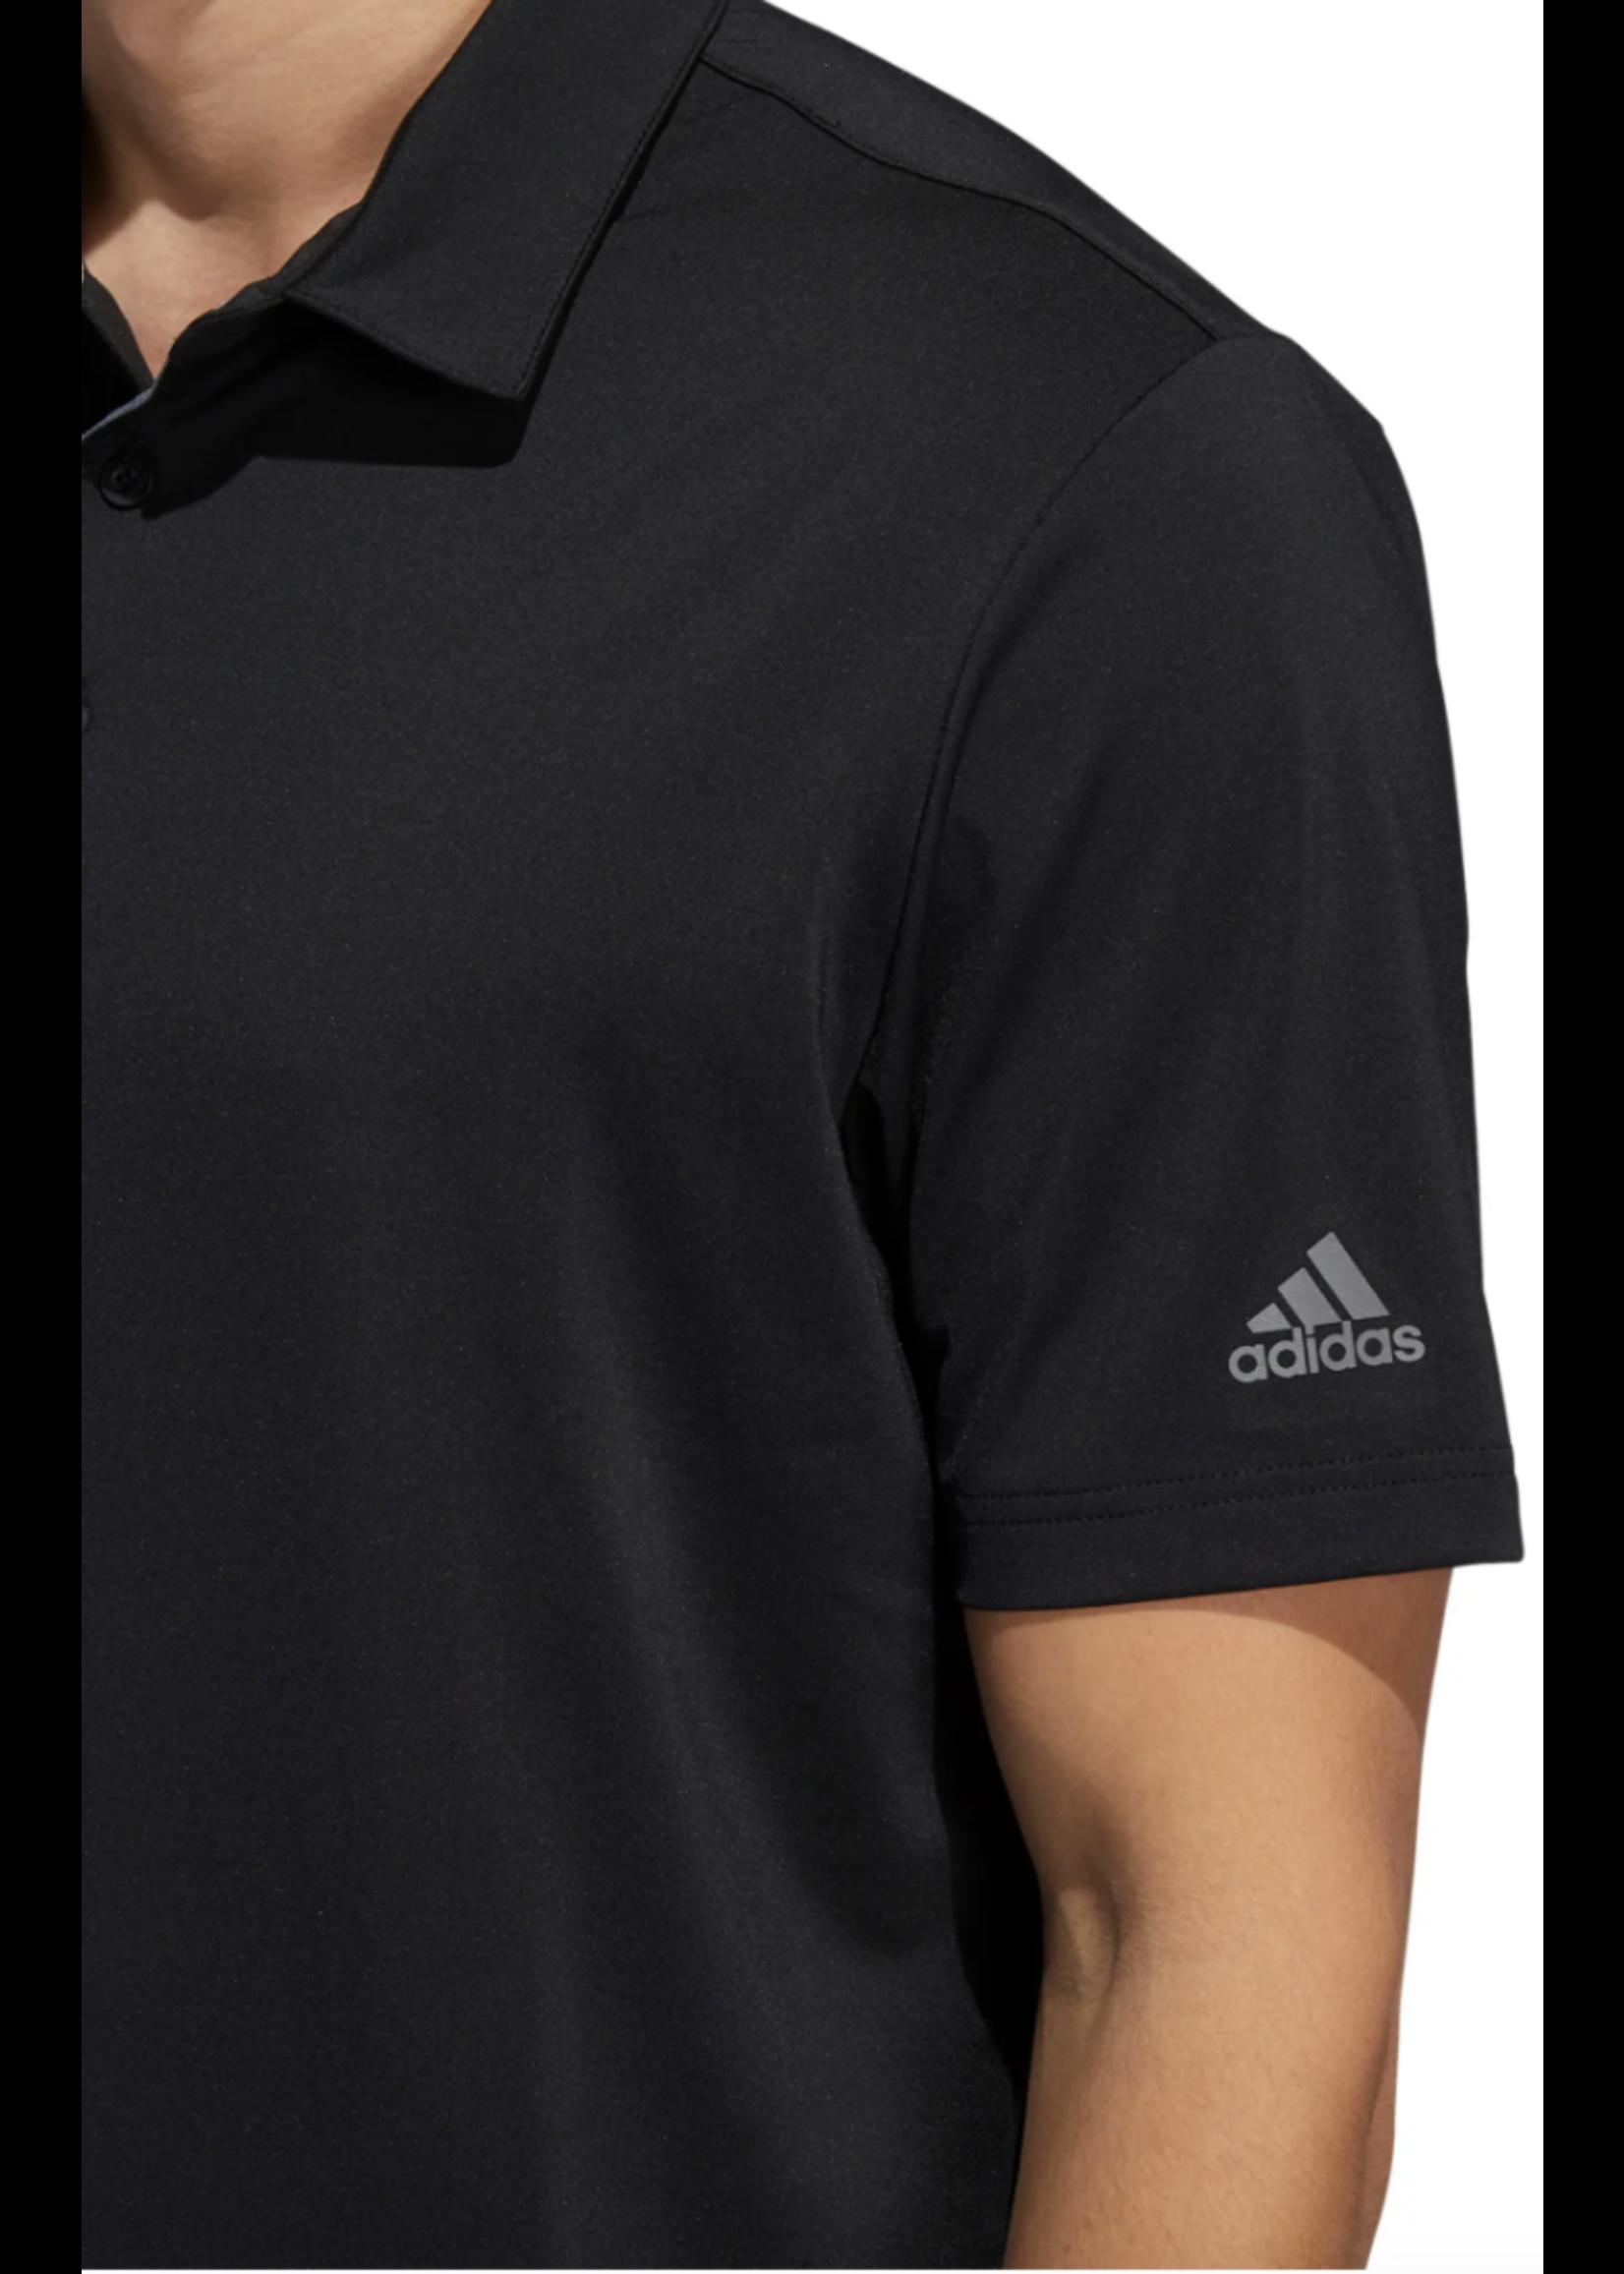 Men's Adidas Polo - XL